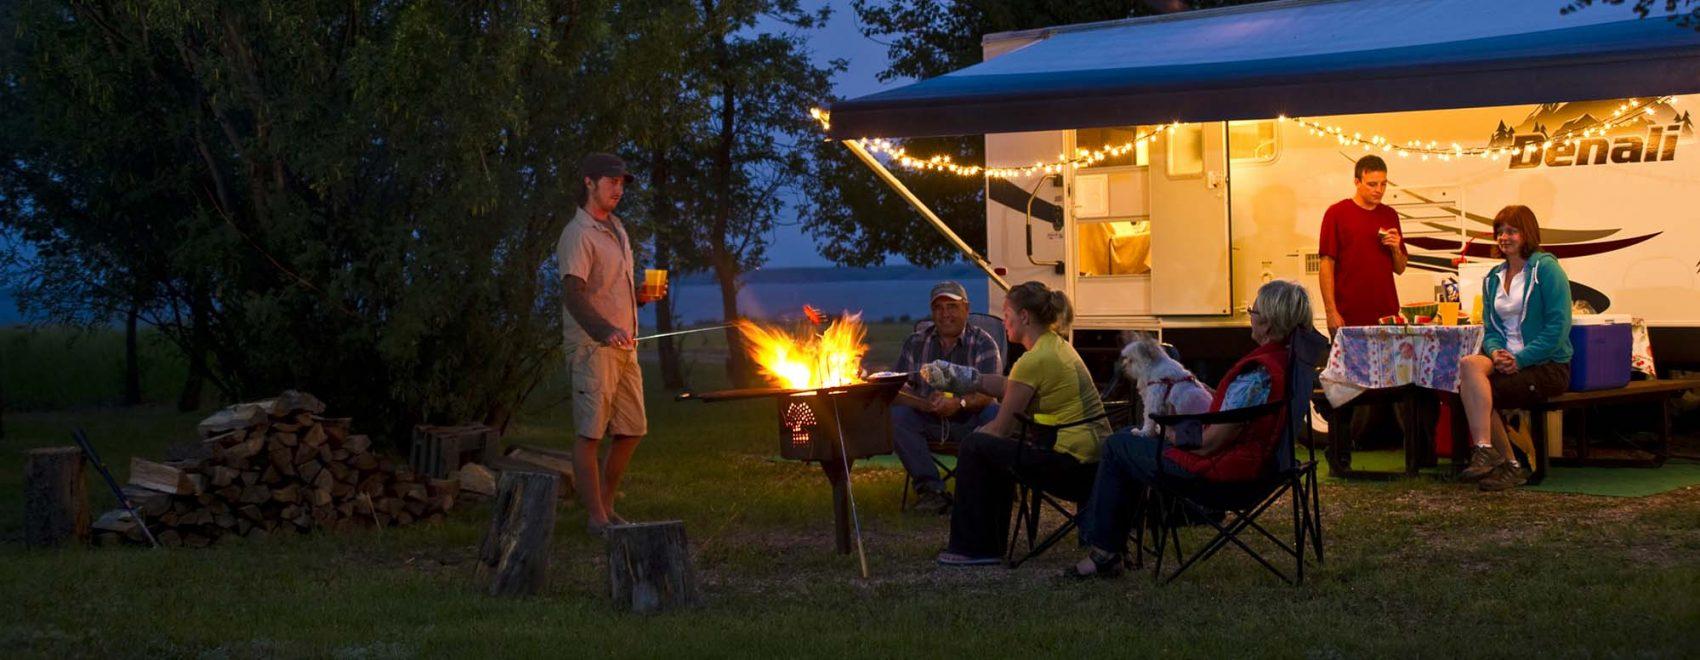 Danielson Provincial Park - Credit- Tourism Saskatchewan - Paul Austring